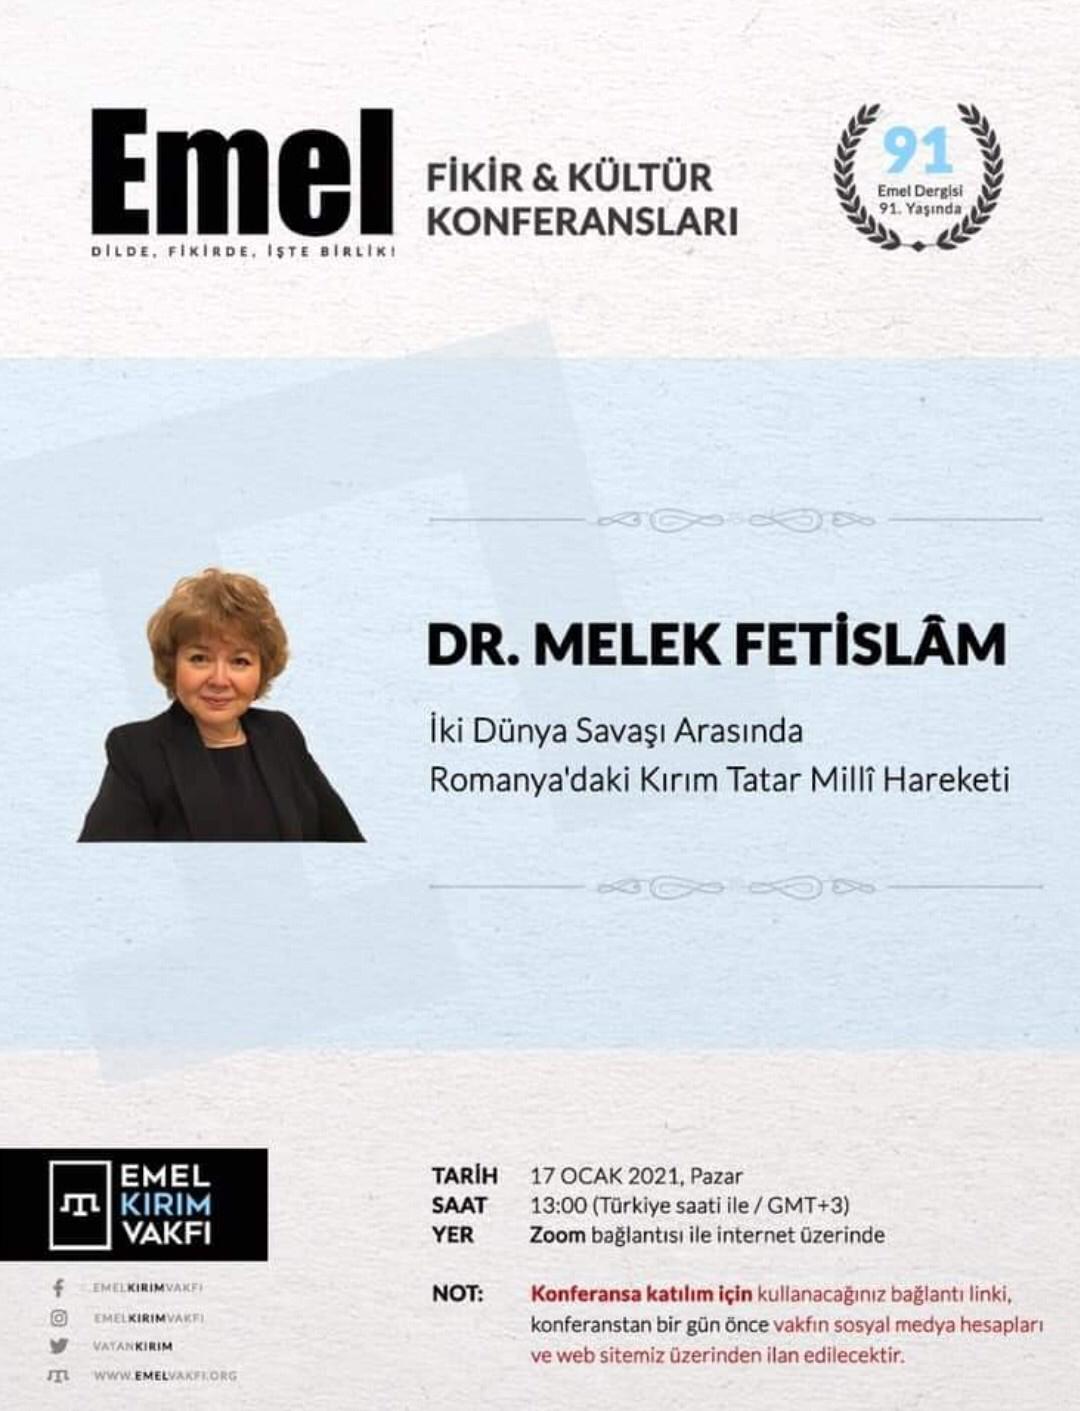 EMEL FİKİR-KÜLTÜR Konferanslarında Bu Hafta